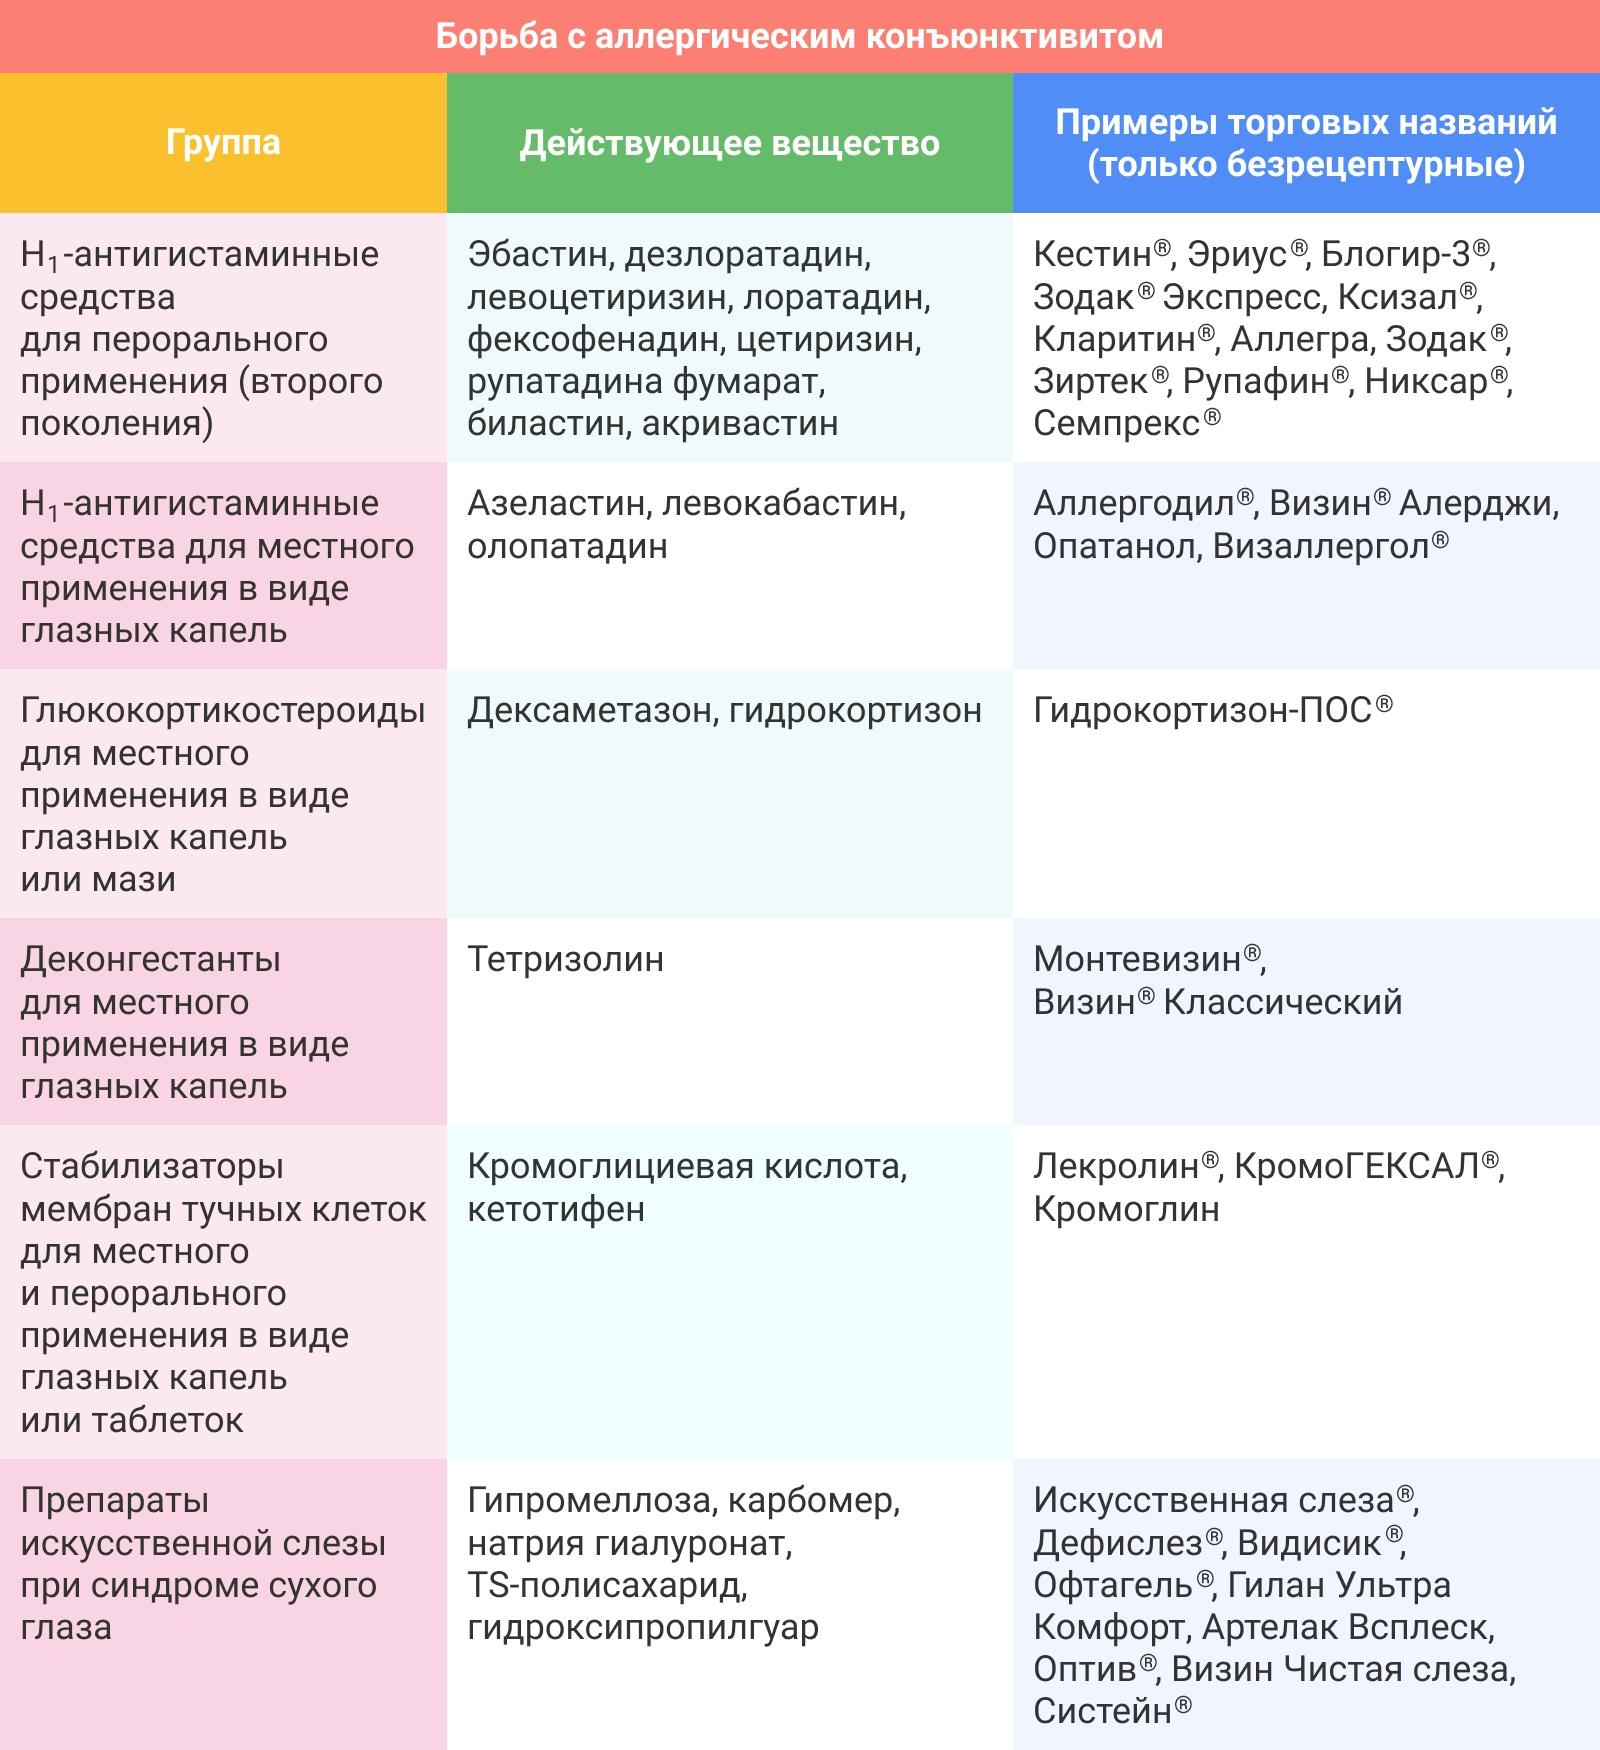 6 разновидностей аллергического конъюнктивита и методы их лечения